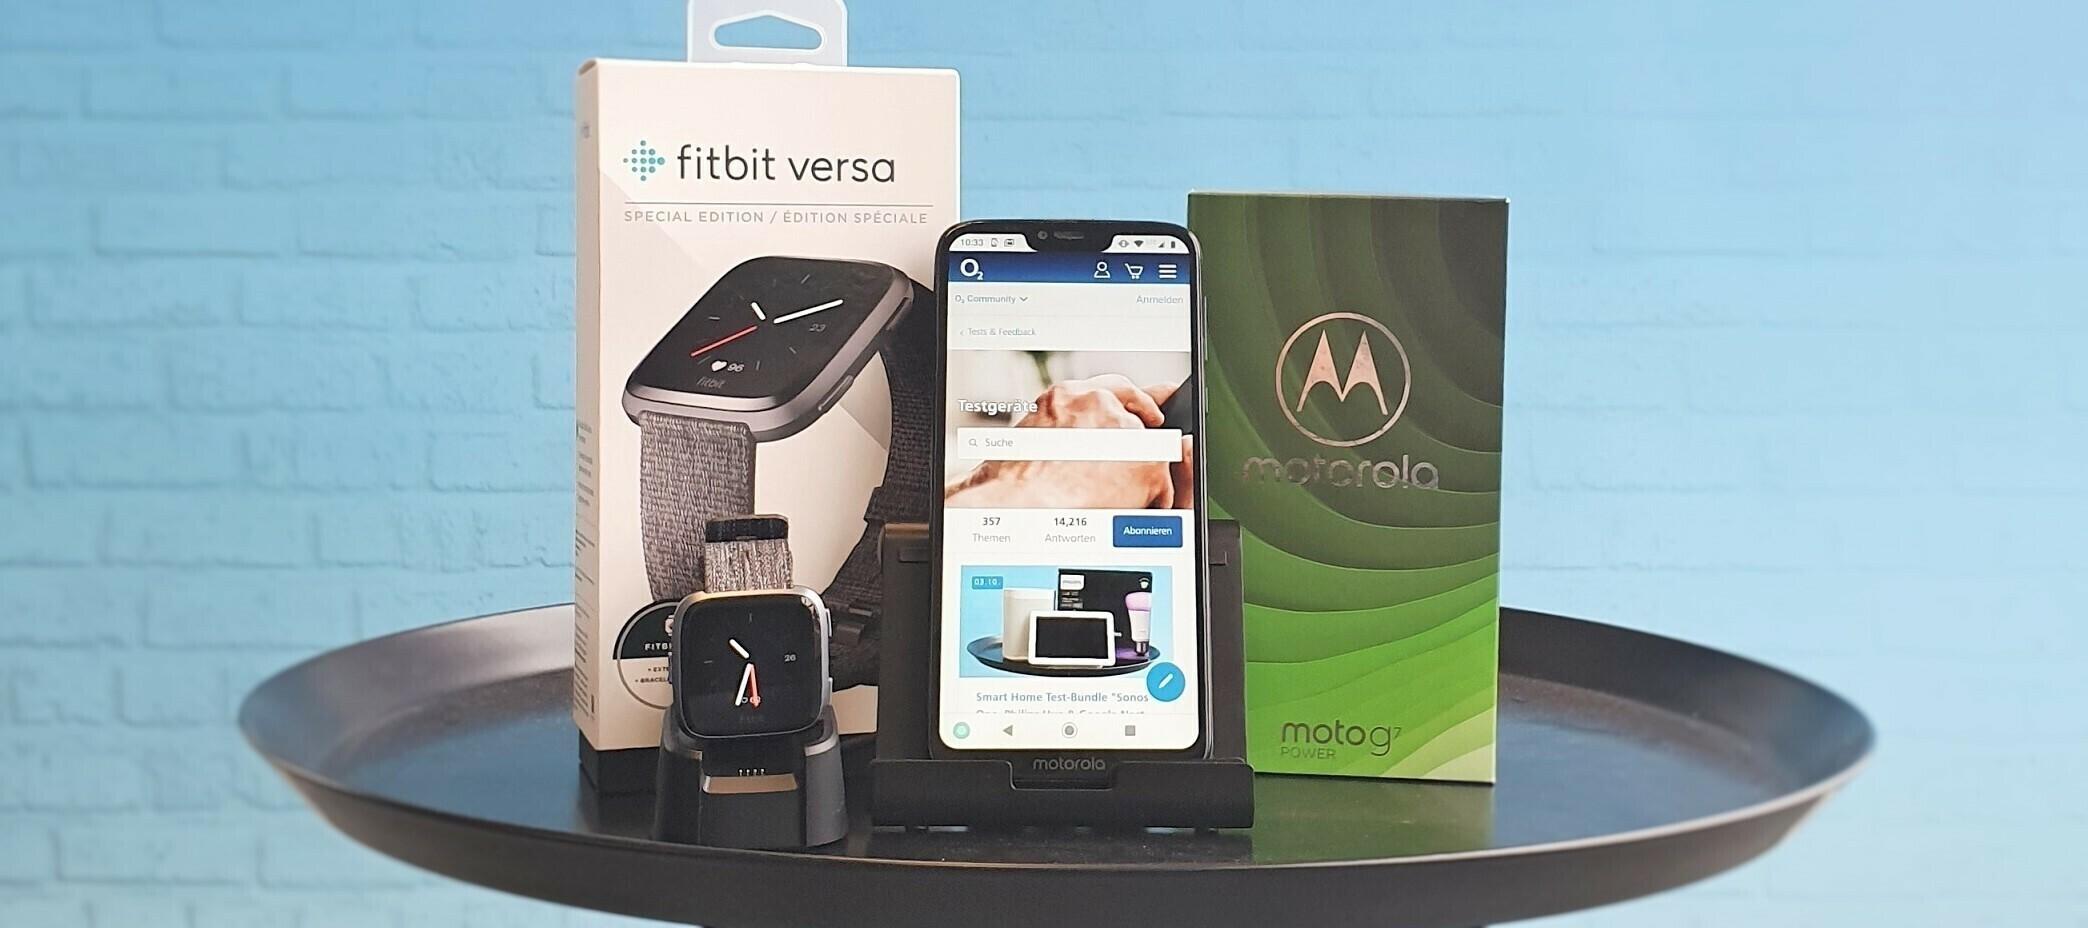 Produkttest mit Power! Teste das Motorola Moto G7 Power und die Fitbit Versa - jetzt bewerben!